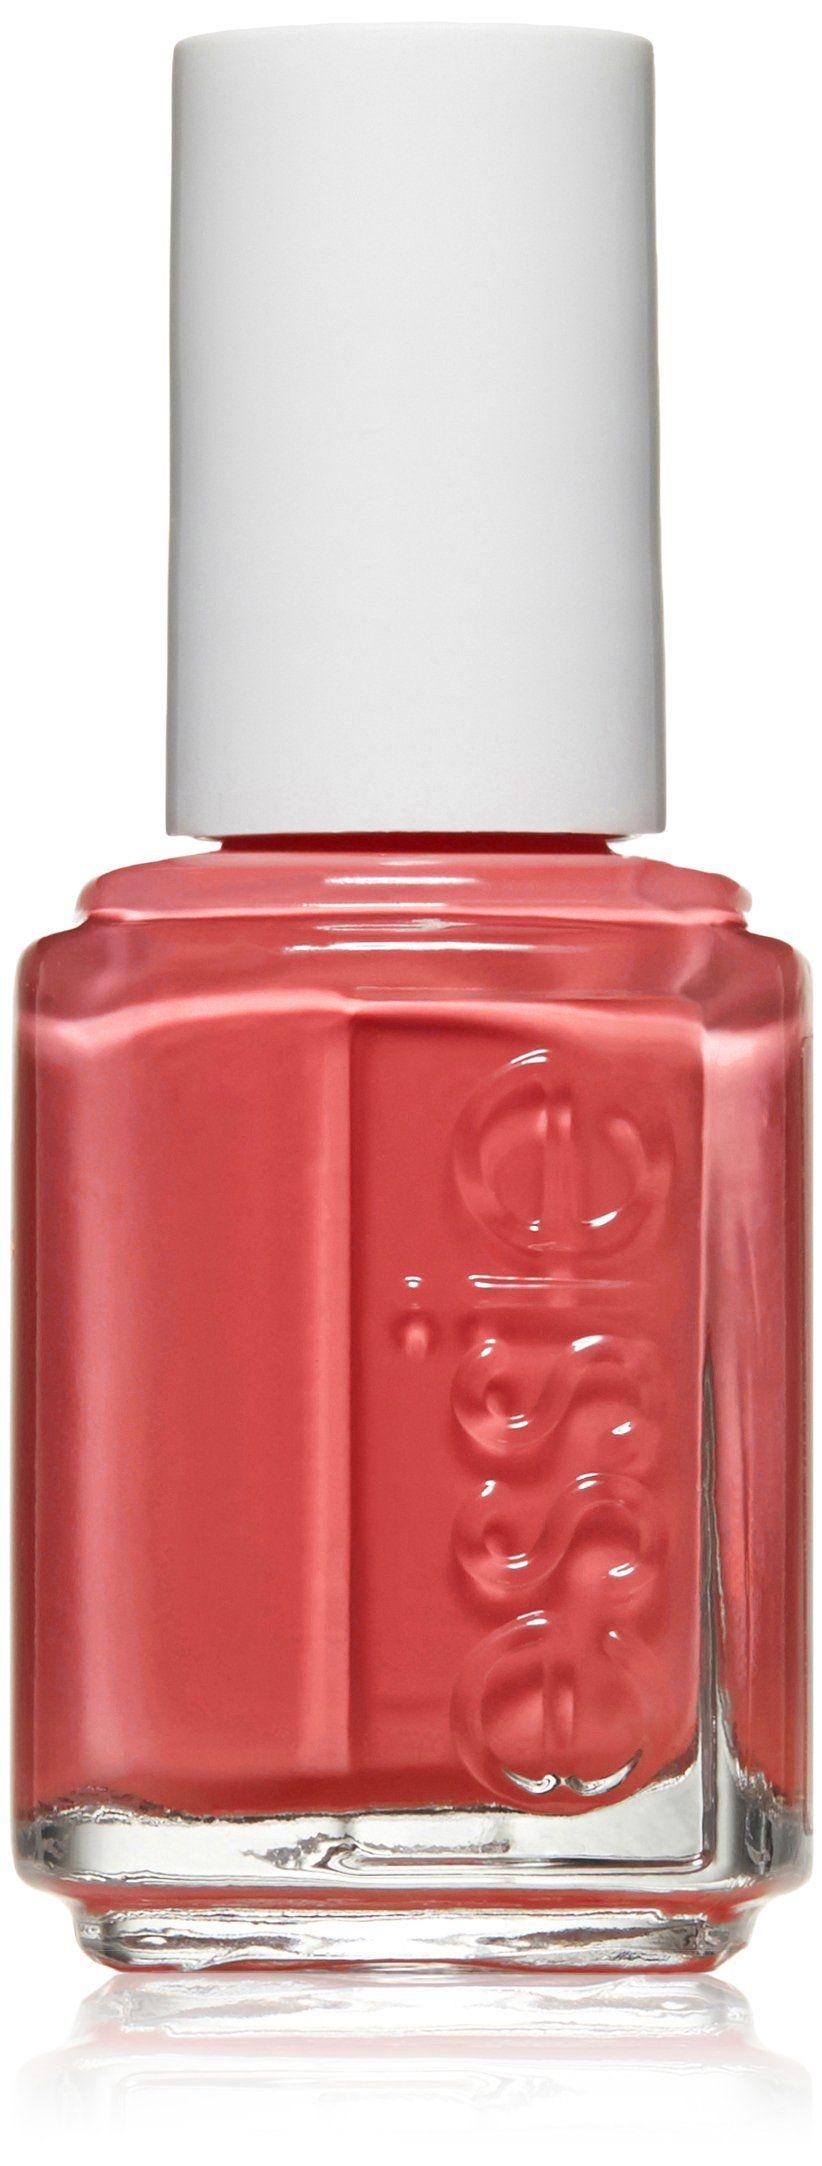 essie nail polish, cute as a button, 0.46 fl. oz. DBP, Toluene, and ...